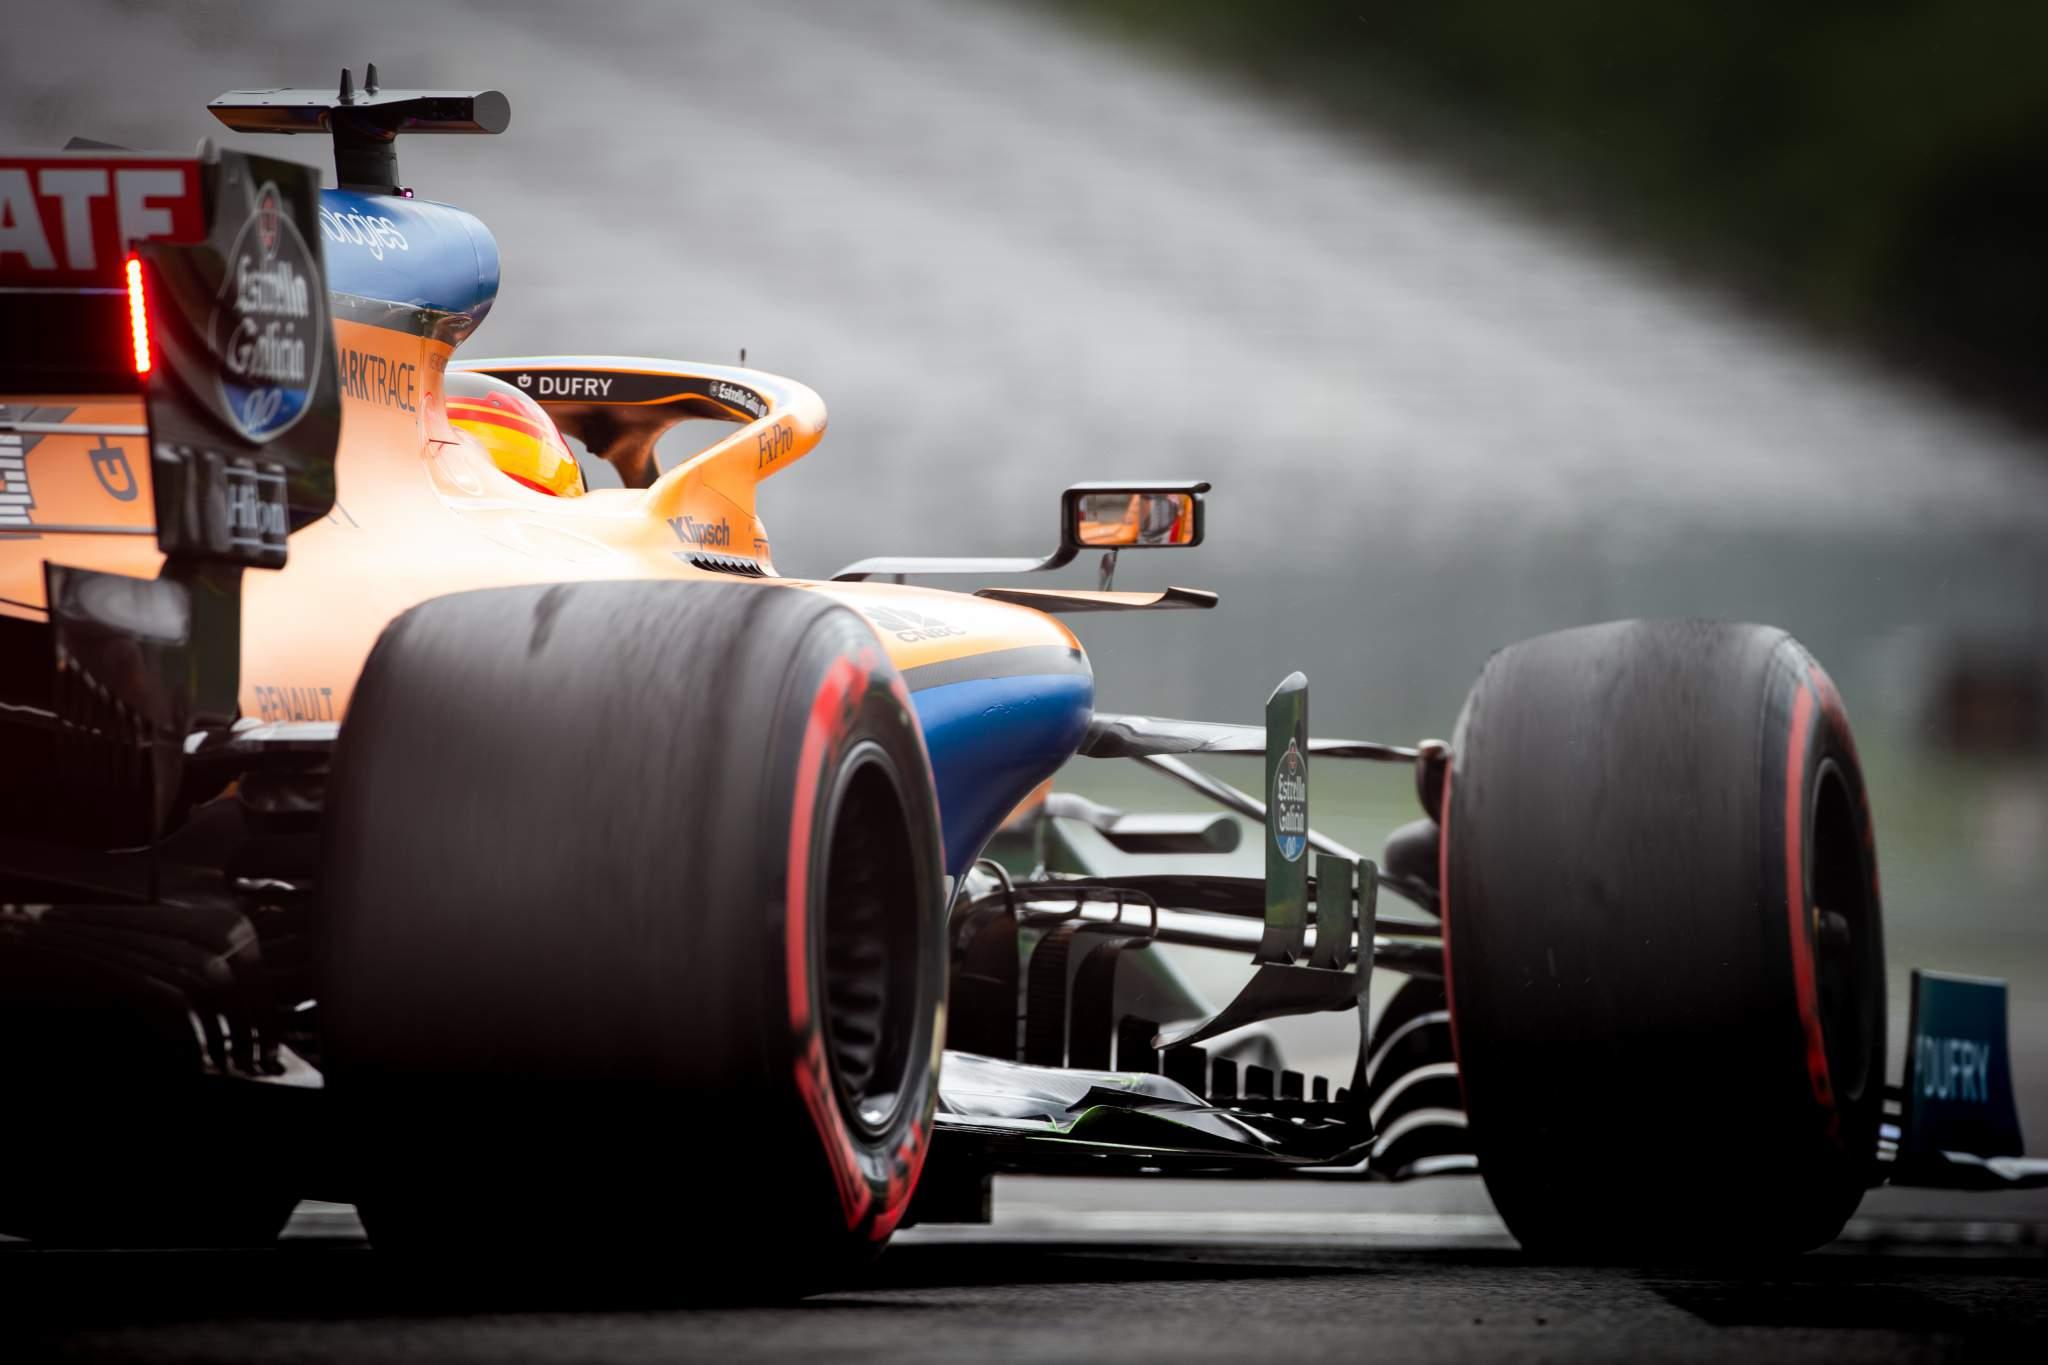 Carlos Sainz McLaren F1 Pirelli tyres